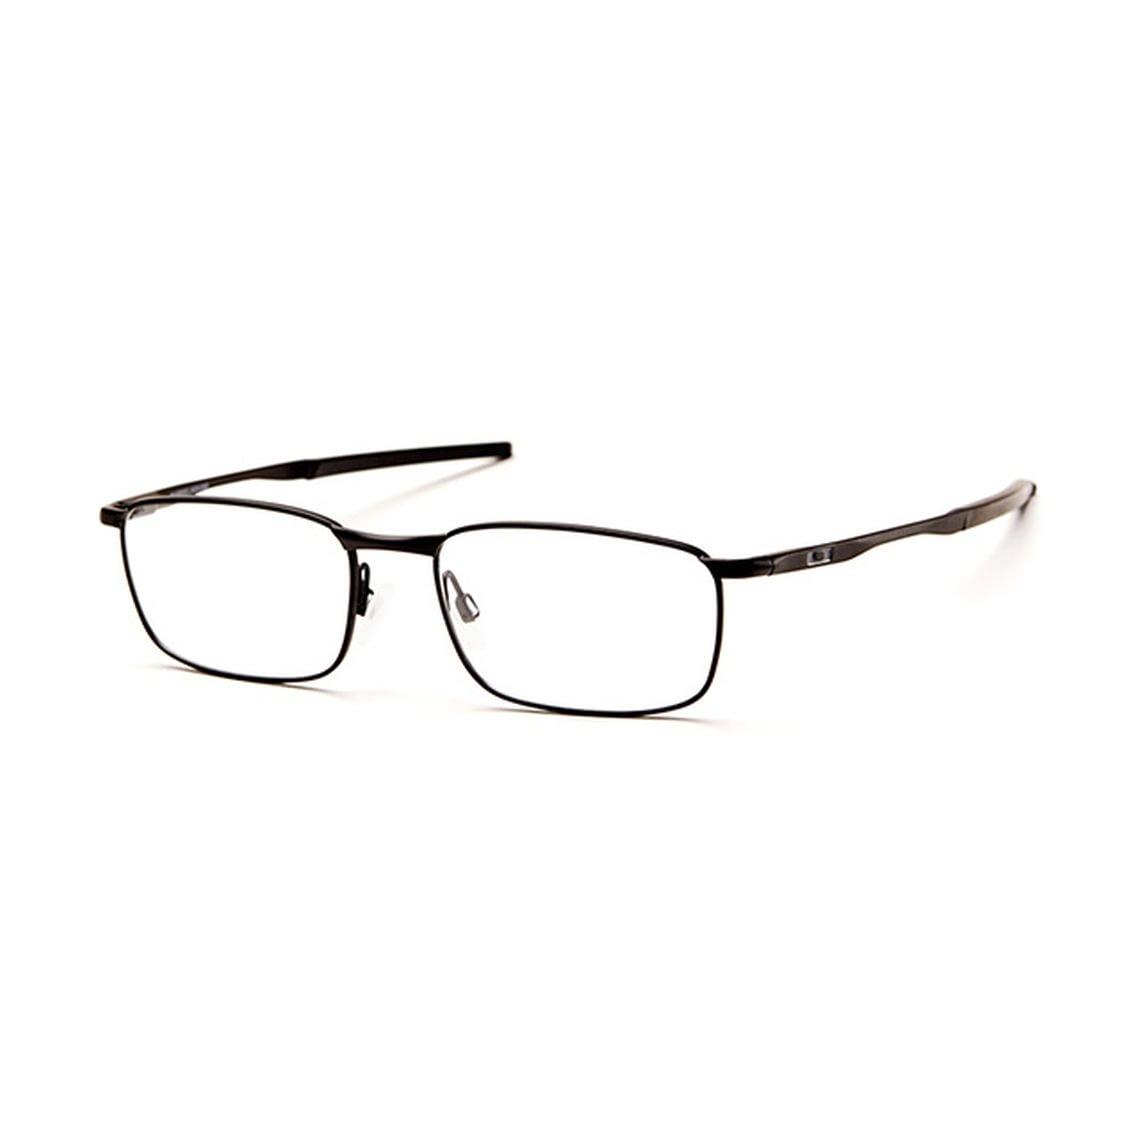 12a3f80df2 E-sport - Sportglasögon - Synsam